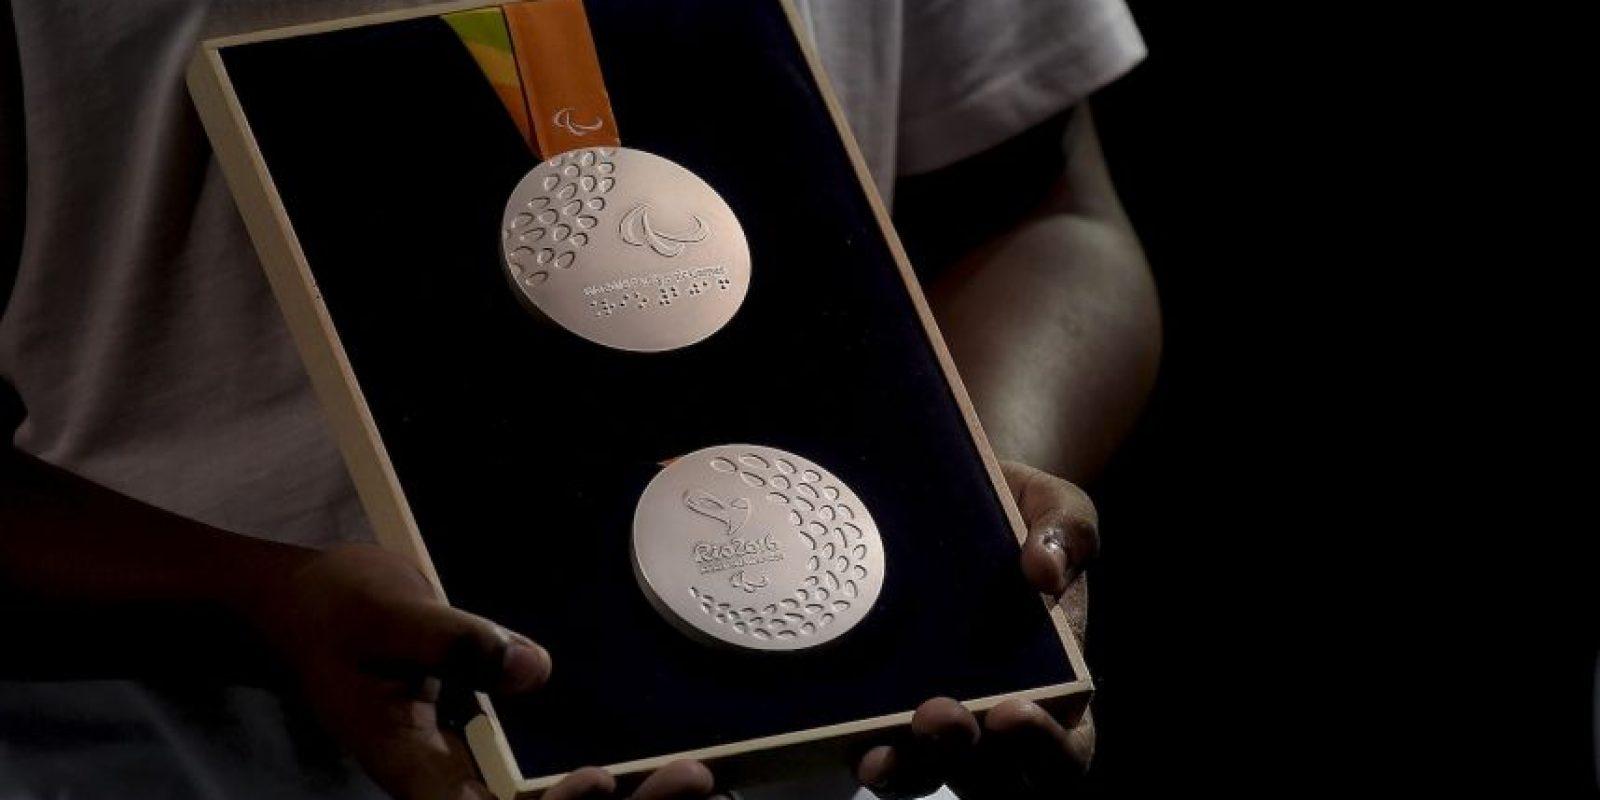 Nelson Carneiro Neto fue el escultor que hizo el molde de las medallas Foto:Getty Images